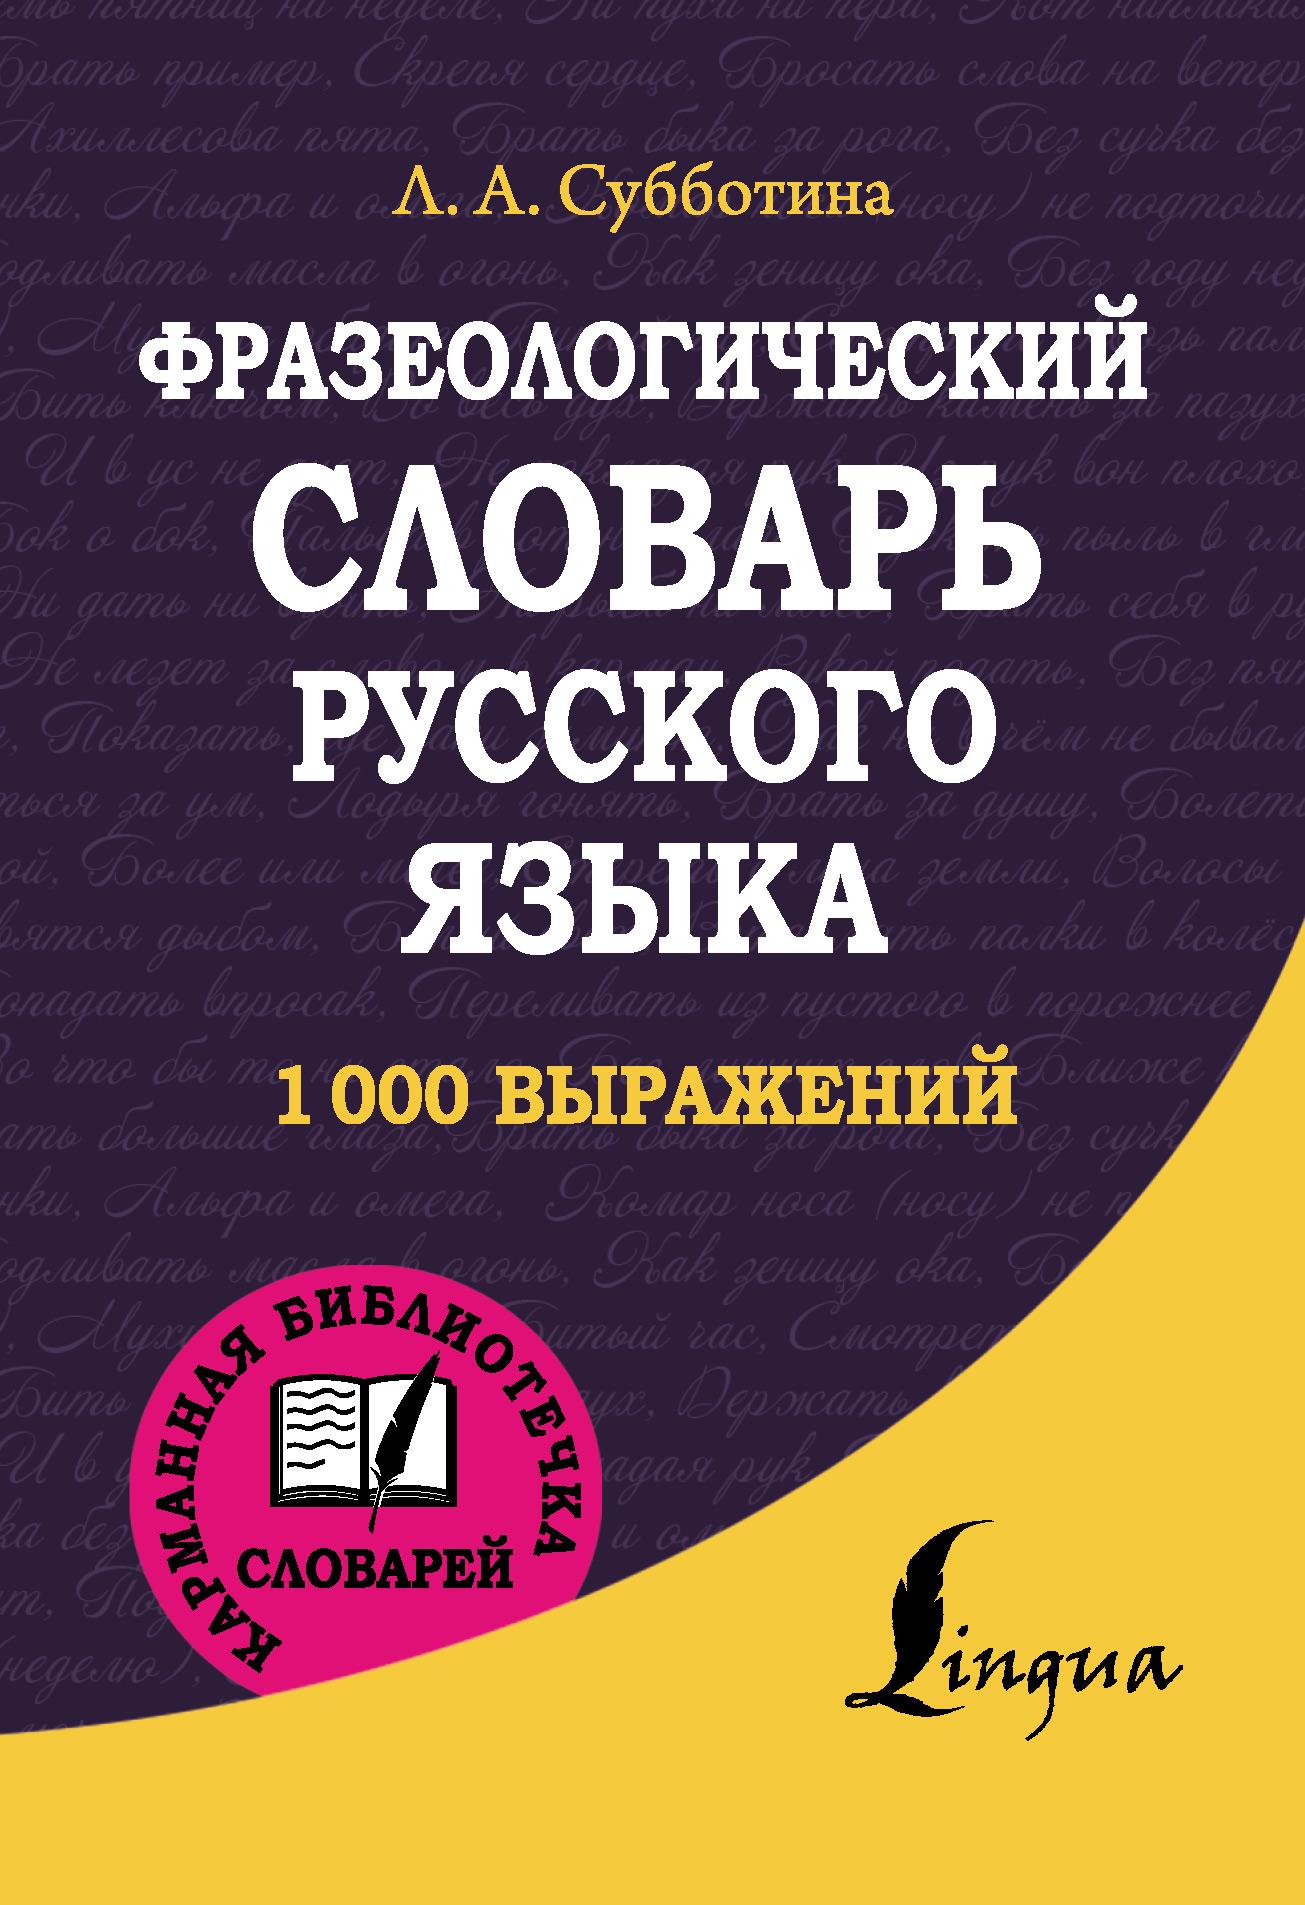 Л. А. Субботина Фразеологический словарь русского языка